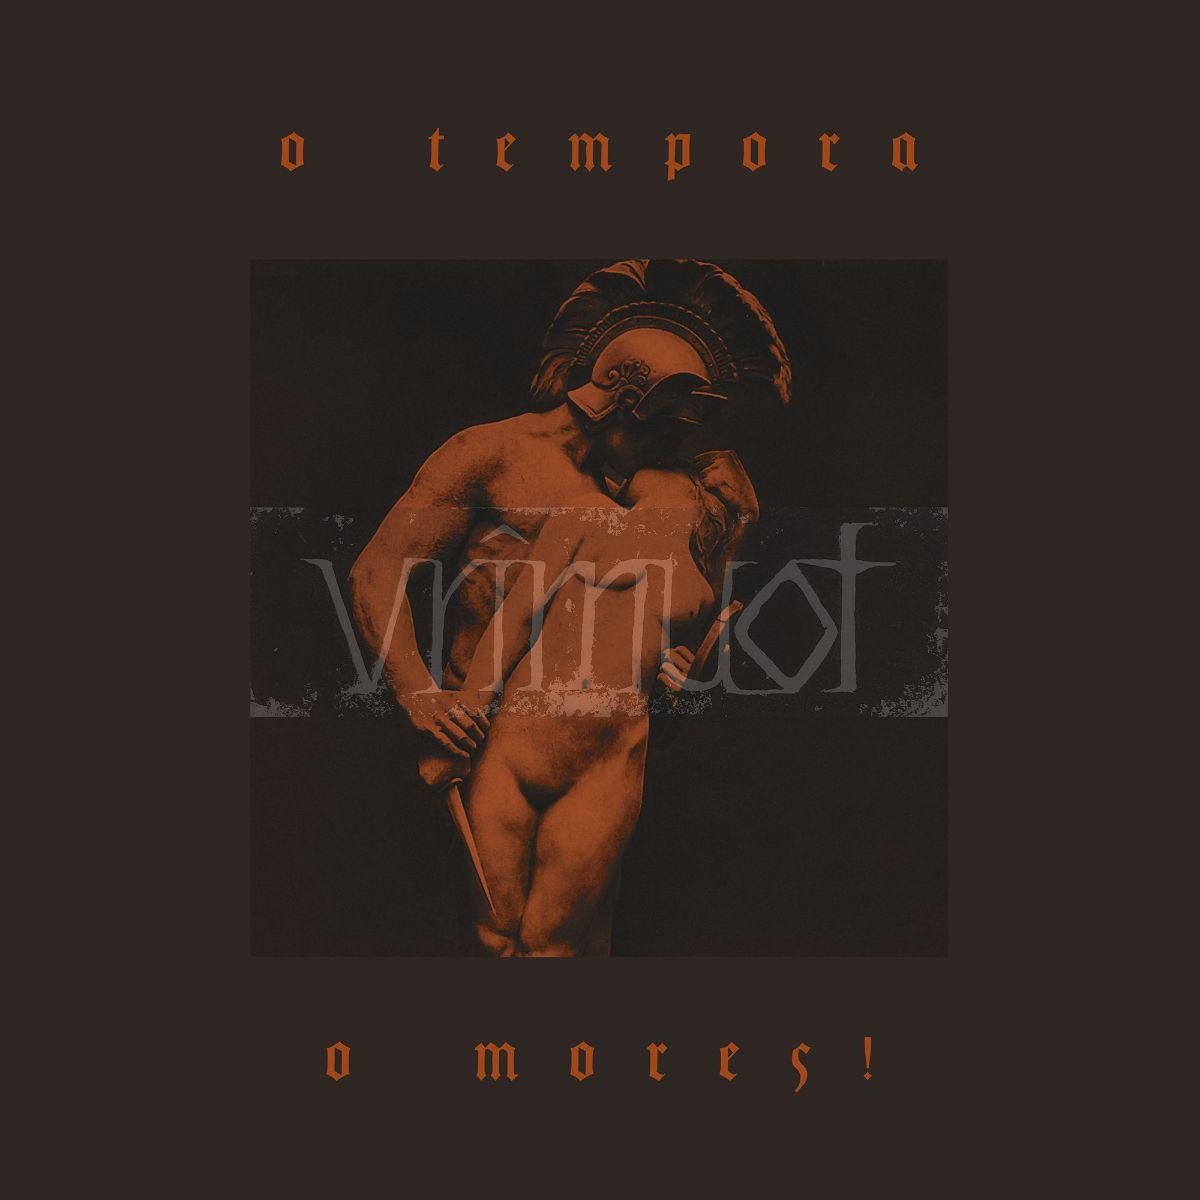 VRÎMUOT album cover